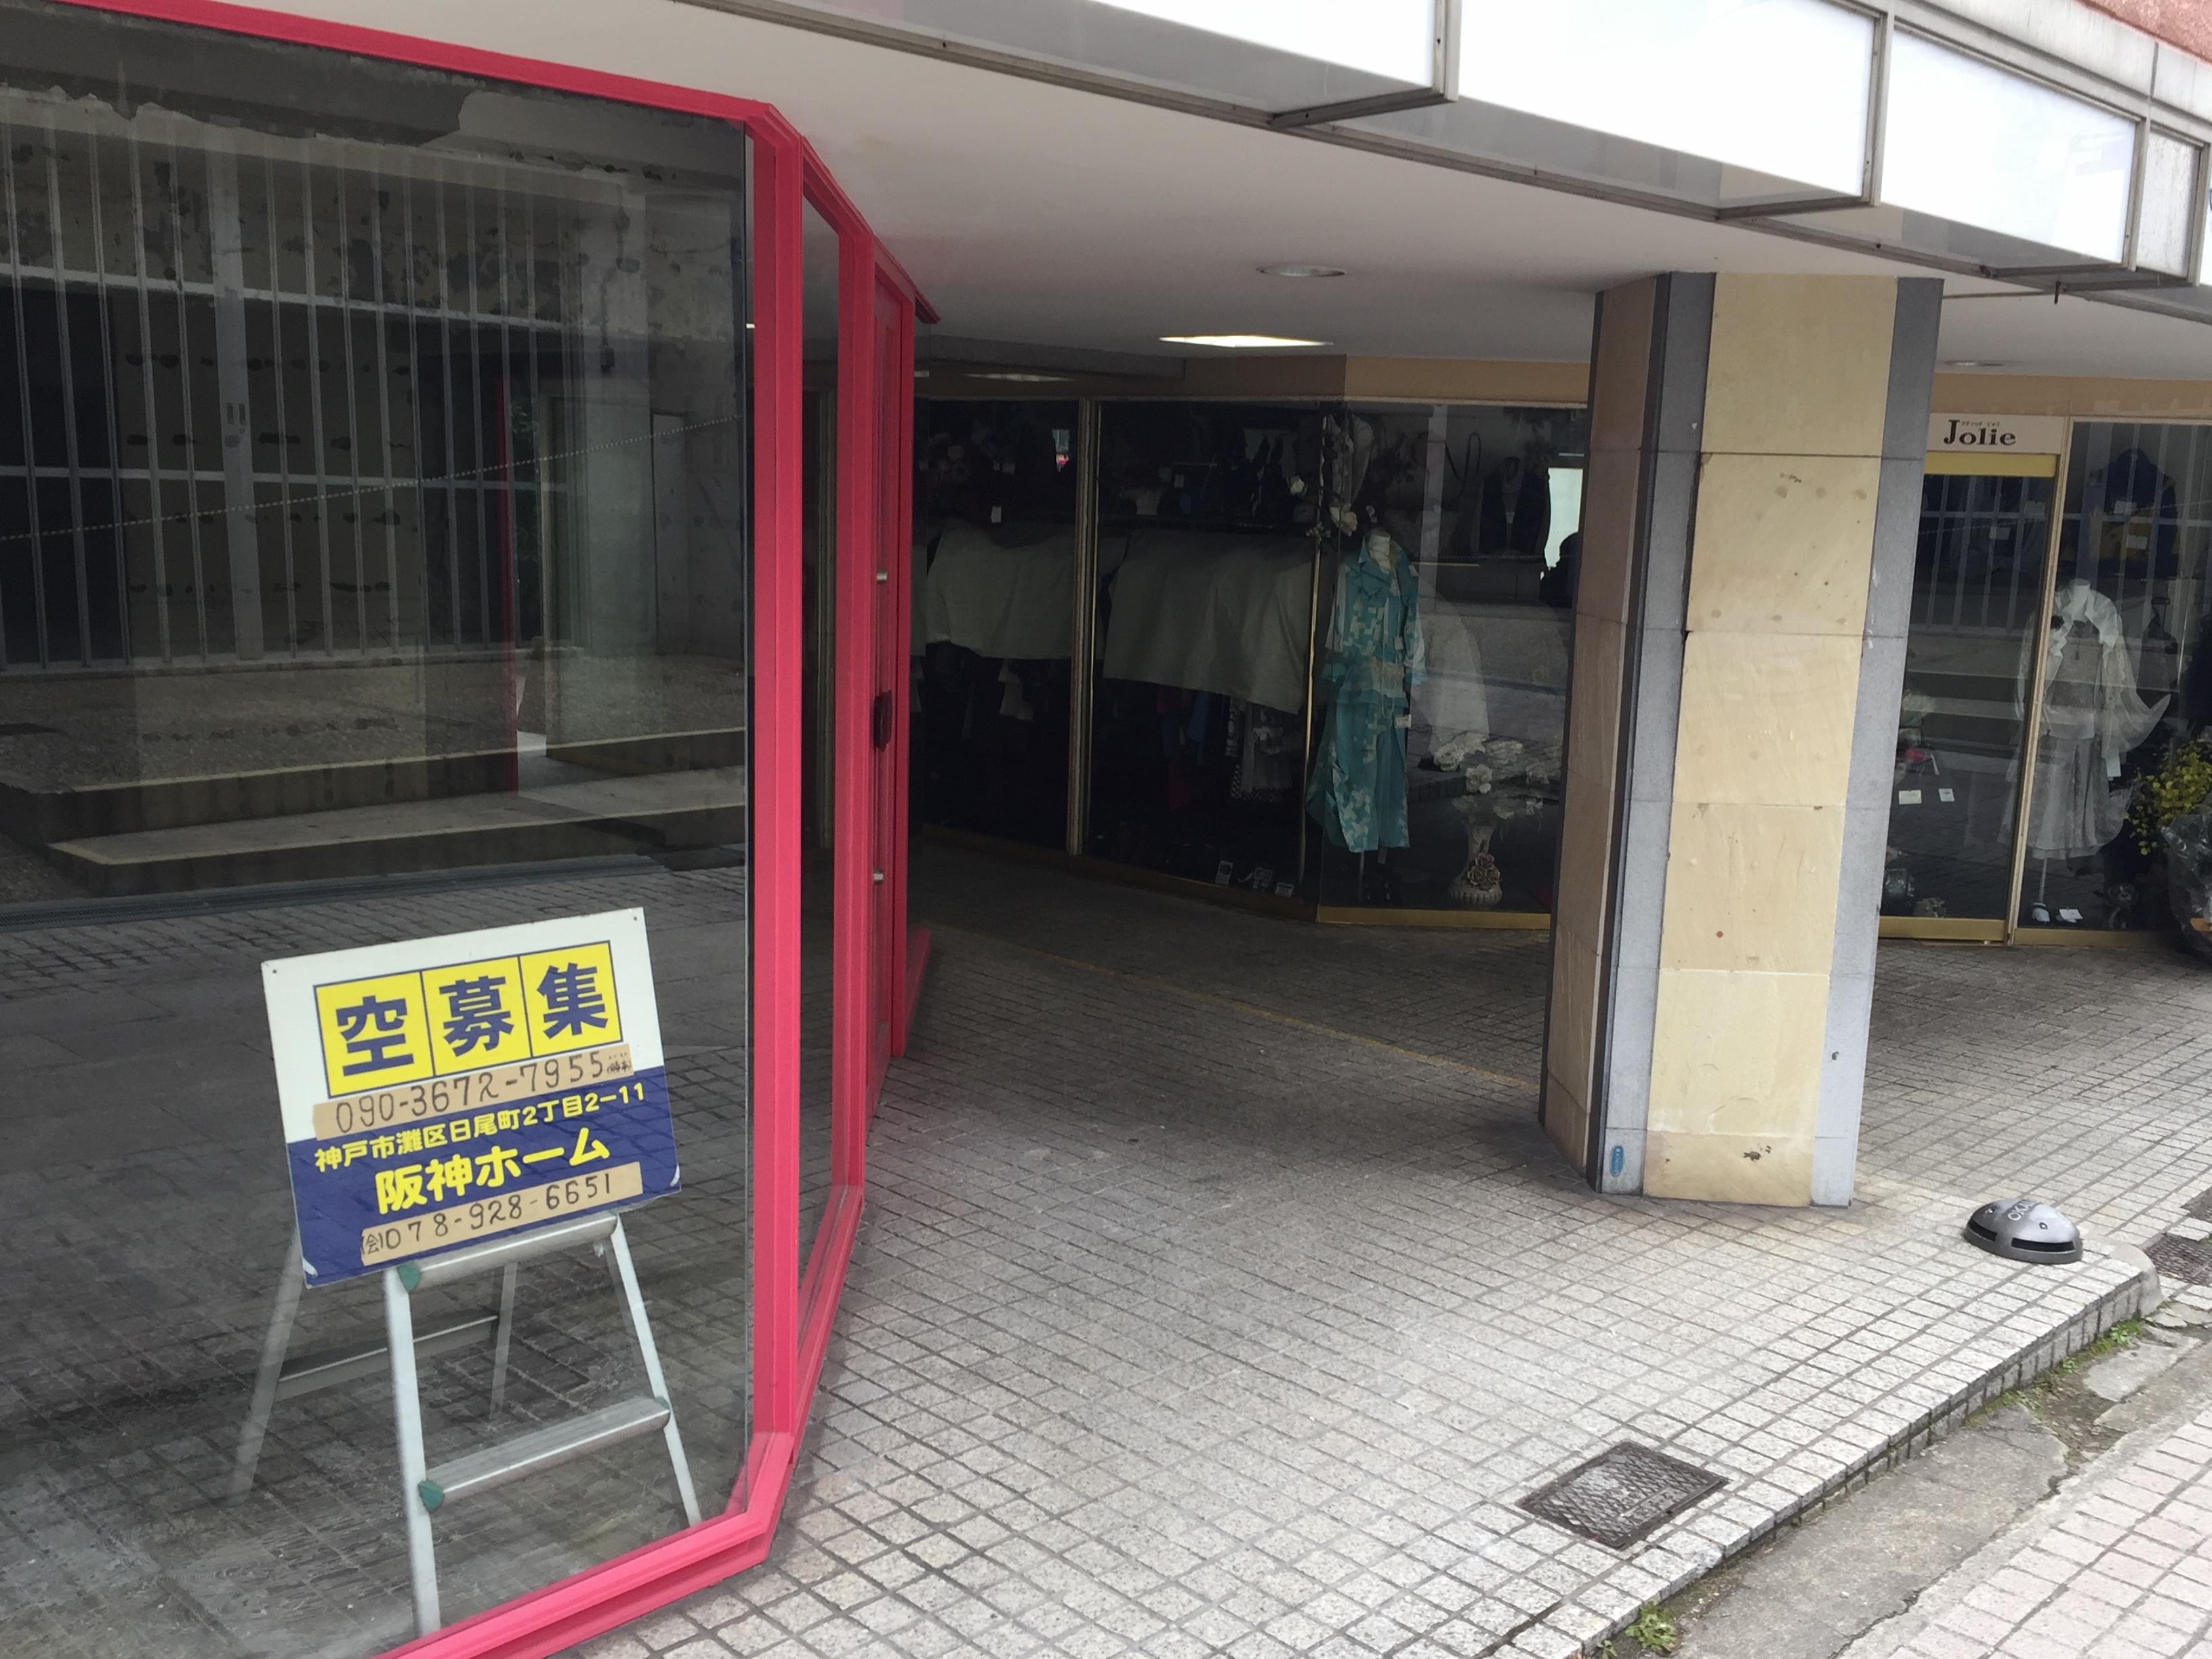 神戸・岡本キャンパス通りのセレクトショップが閉店してた【※写真付閉店のお知らせ】